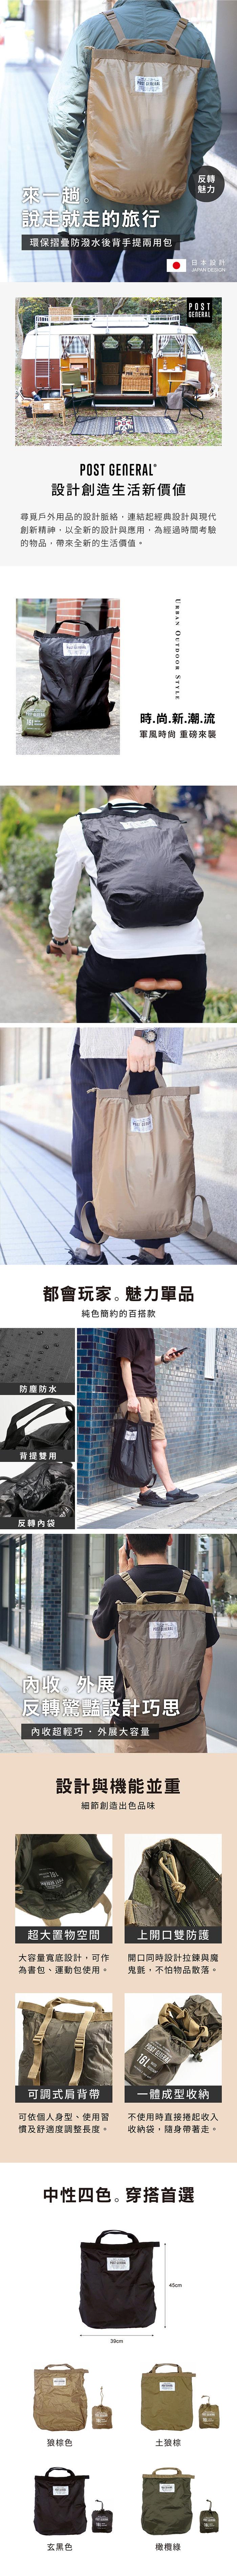 (複製)POST GENERAL|超輕量尼龍折疊收納束口袋(銀灰色)